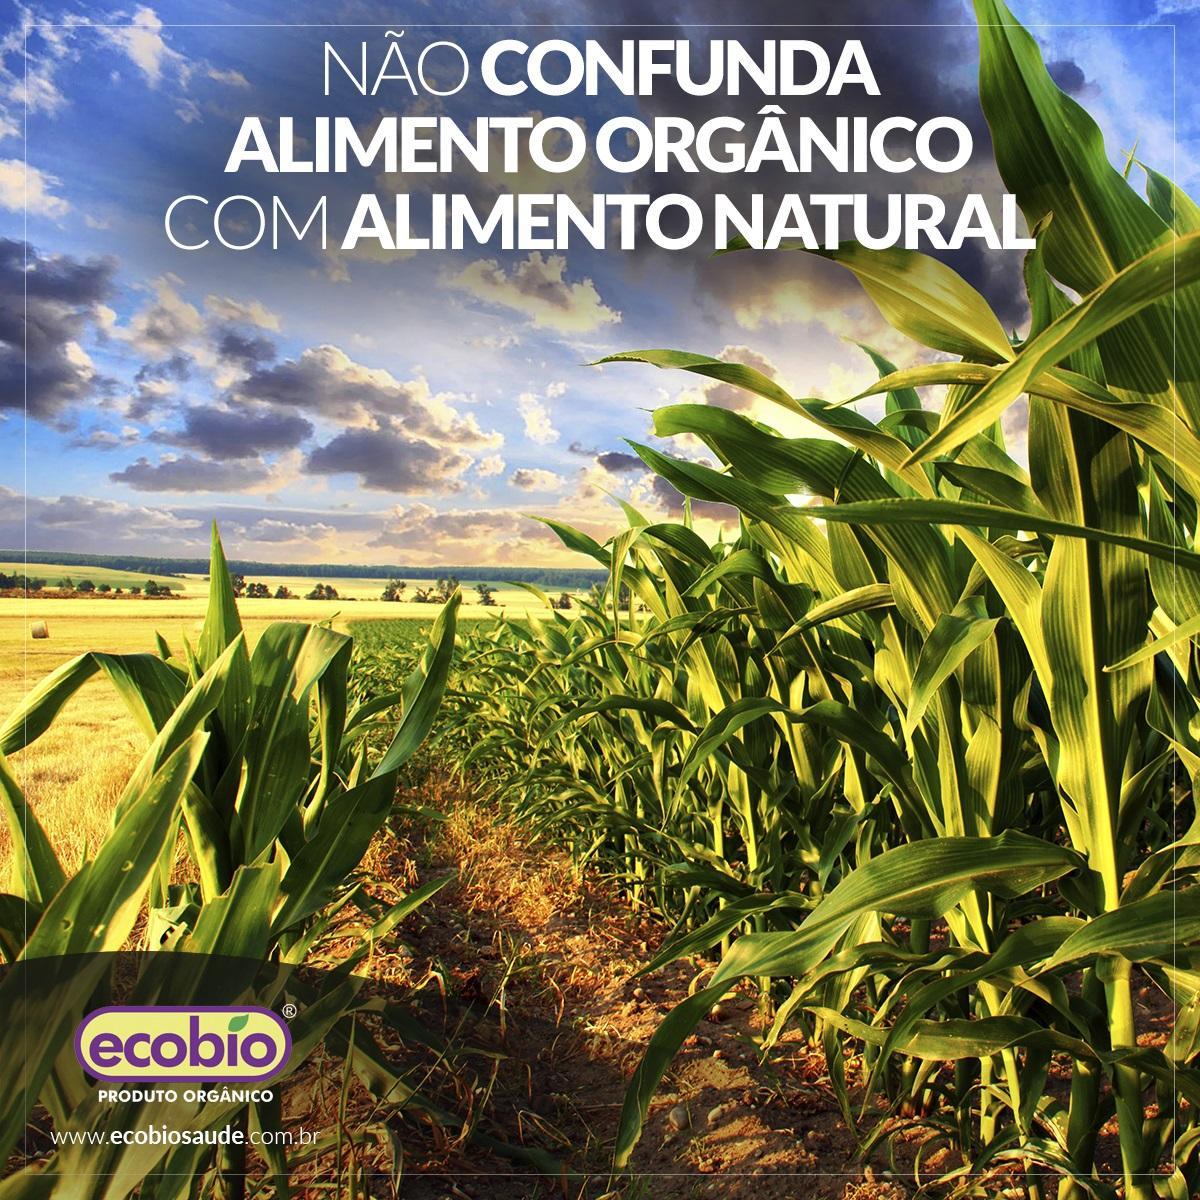 Não confunda alimento orgânico com alimento natural